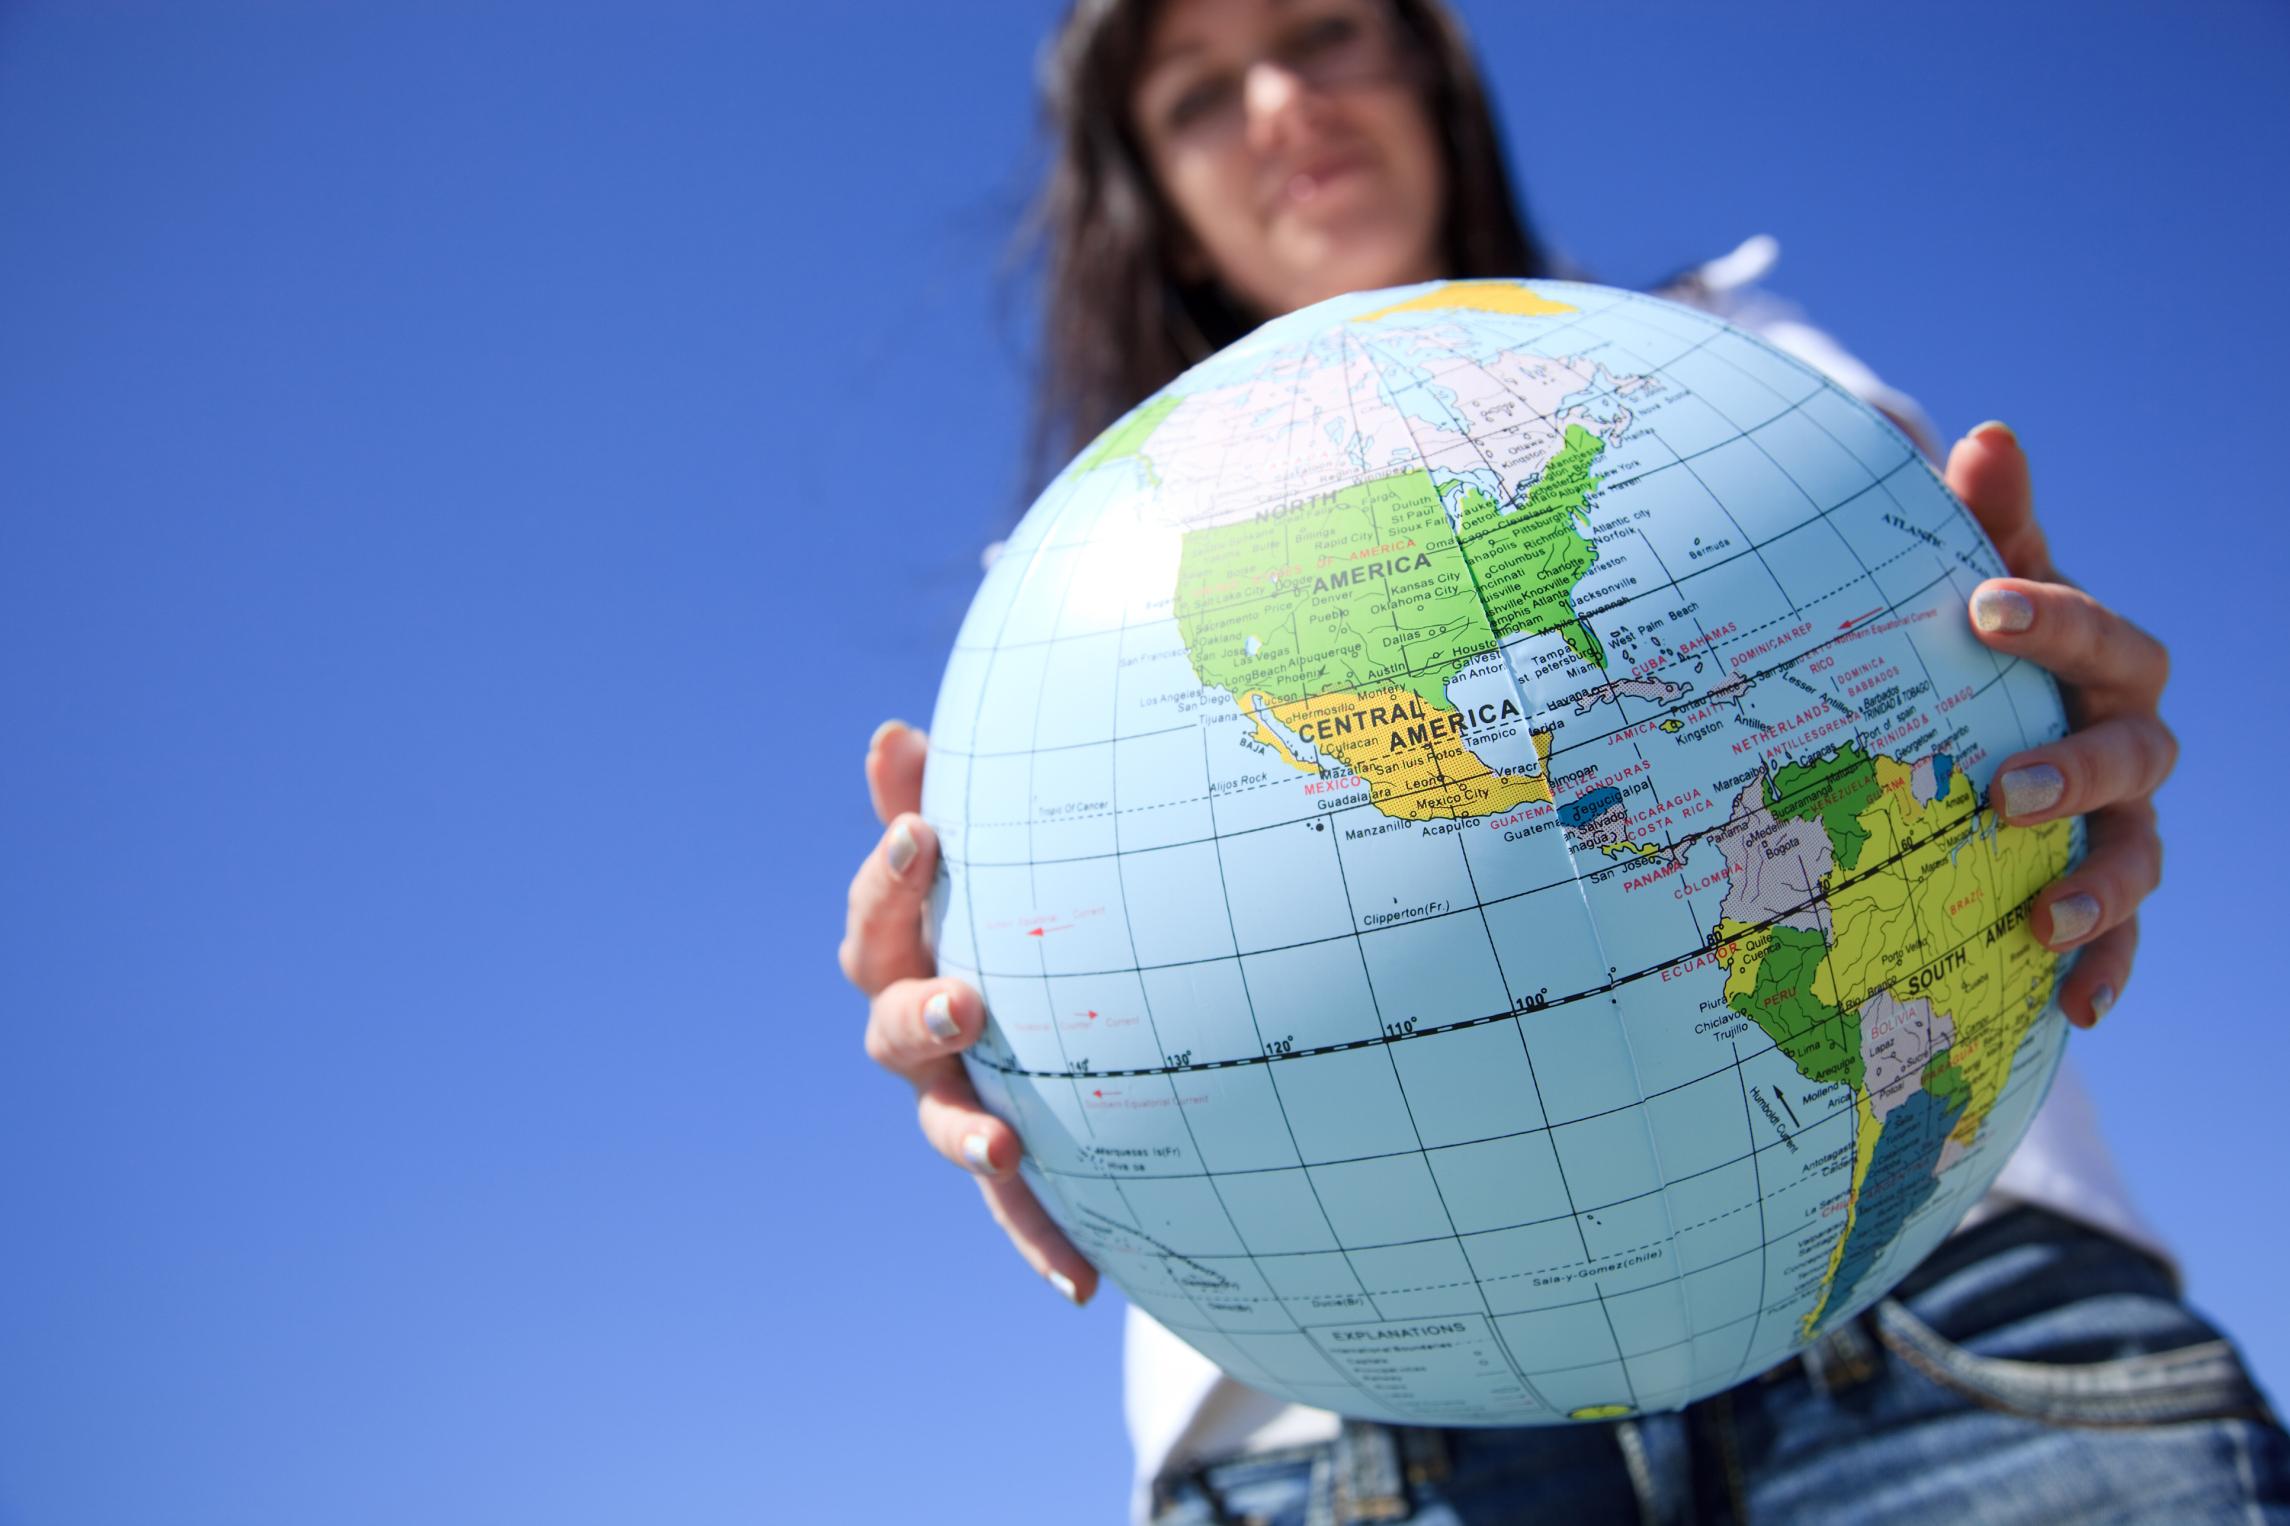 All'estero subito dopo la laurea?